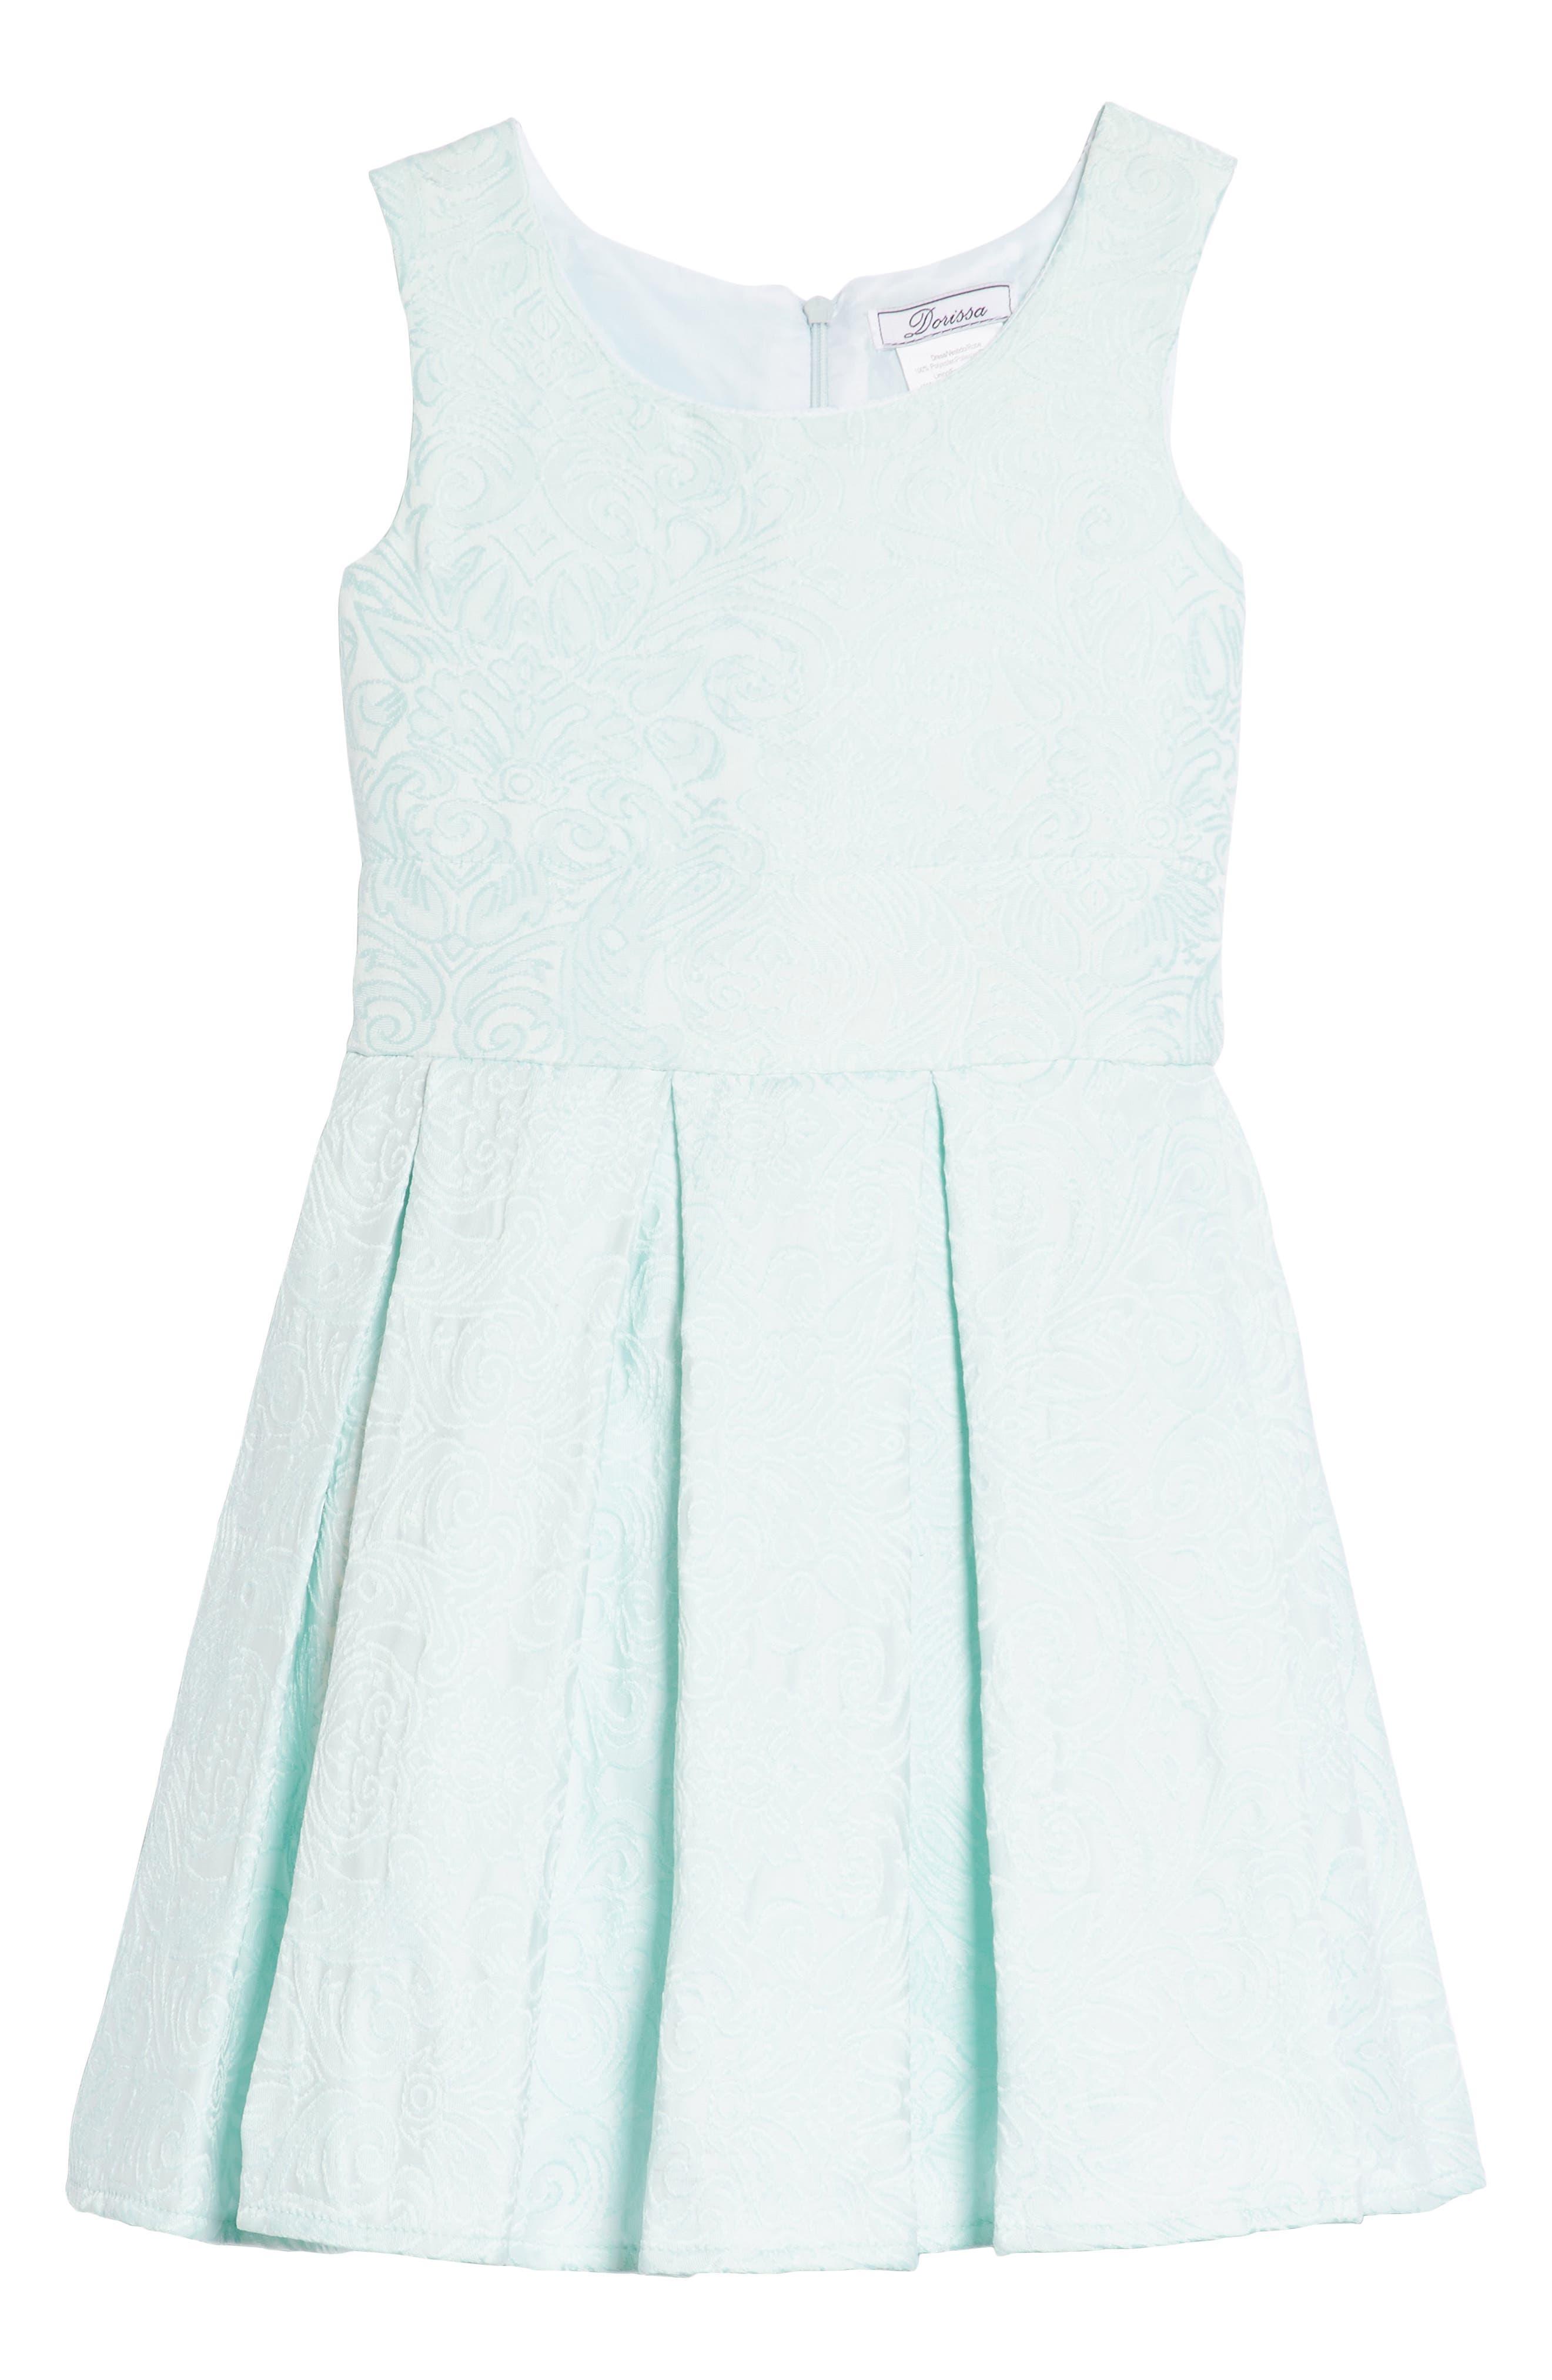 Megan Jacquard Dress,                             Main thumbnail 1, color,                             Aqua